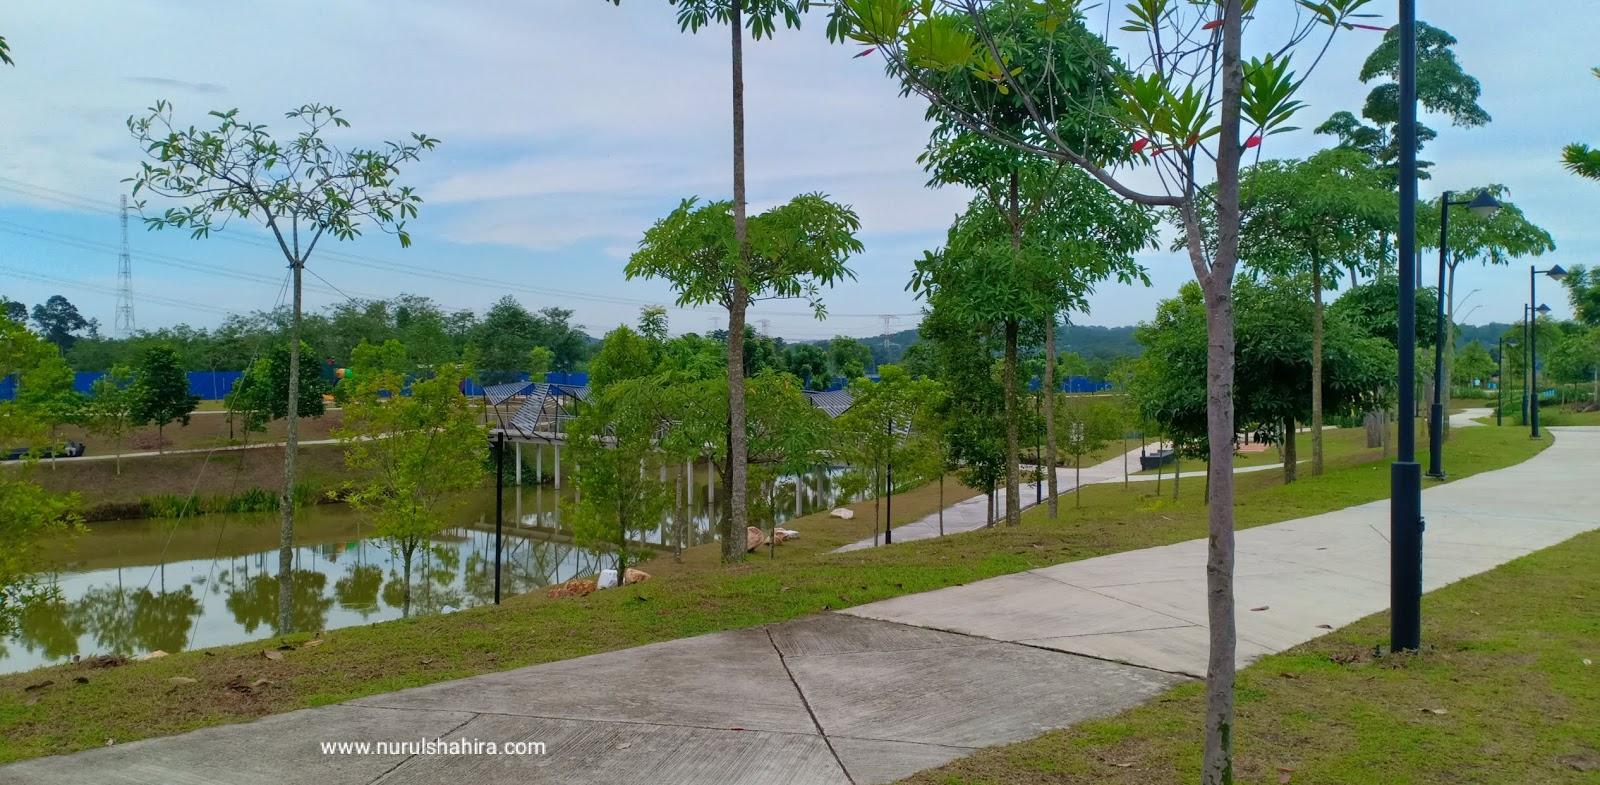 Tempat Menarik di Semenyih Beranang | South Creek, Setia Eco Hill 2 Beranang